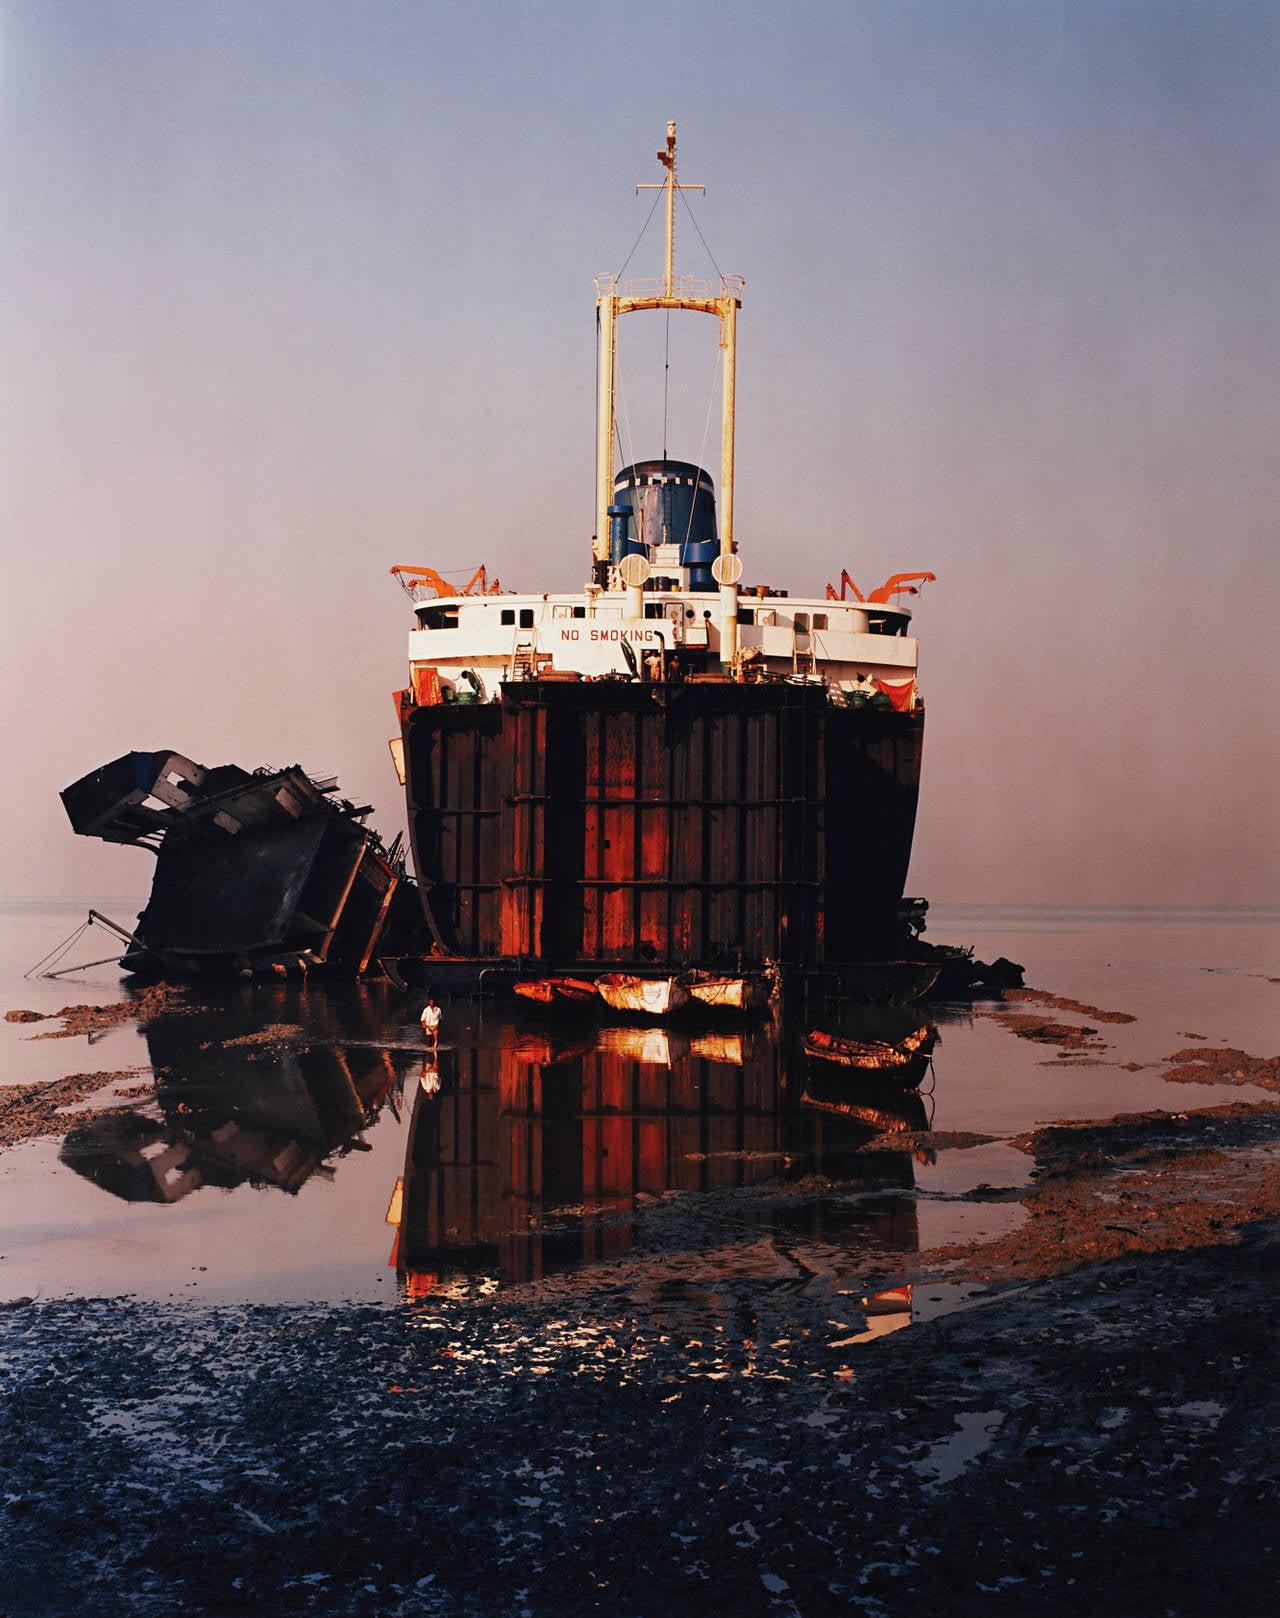 Edward burtynsky shipbreaking 31 chittagong for Edward burtynsky